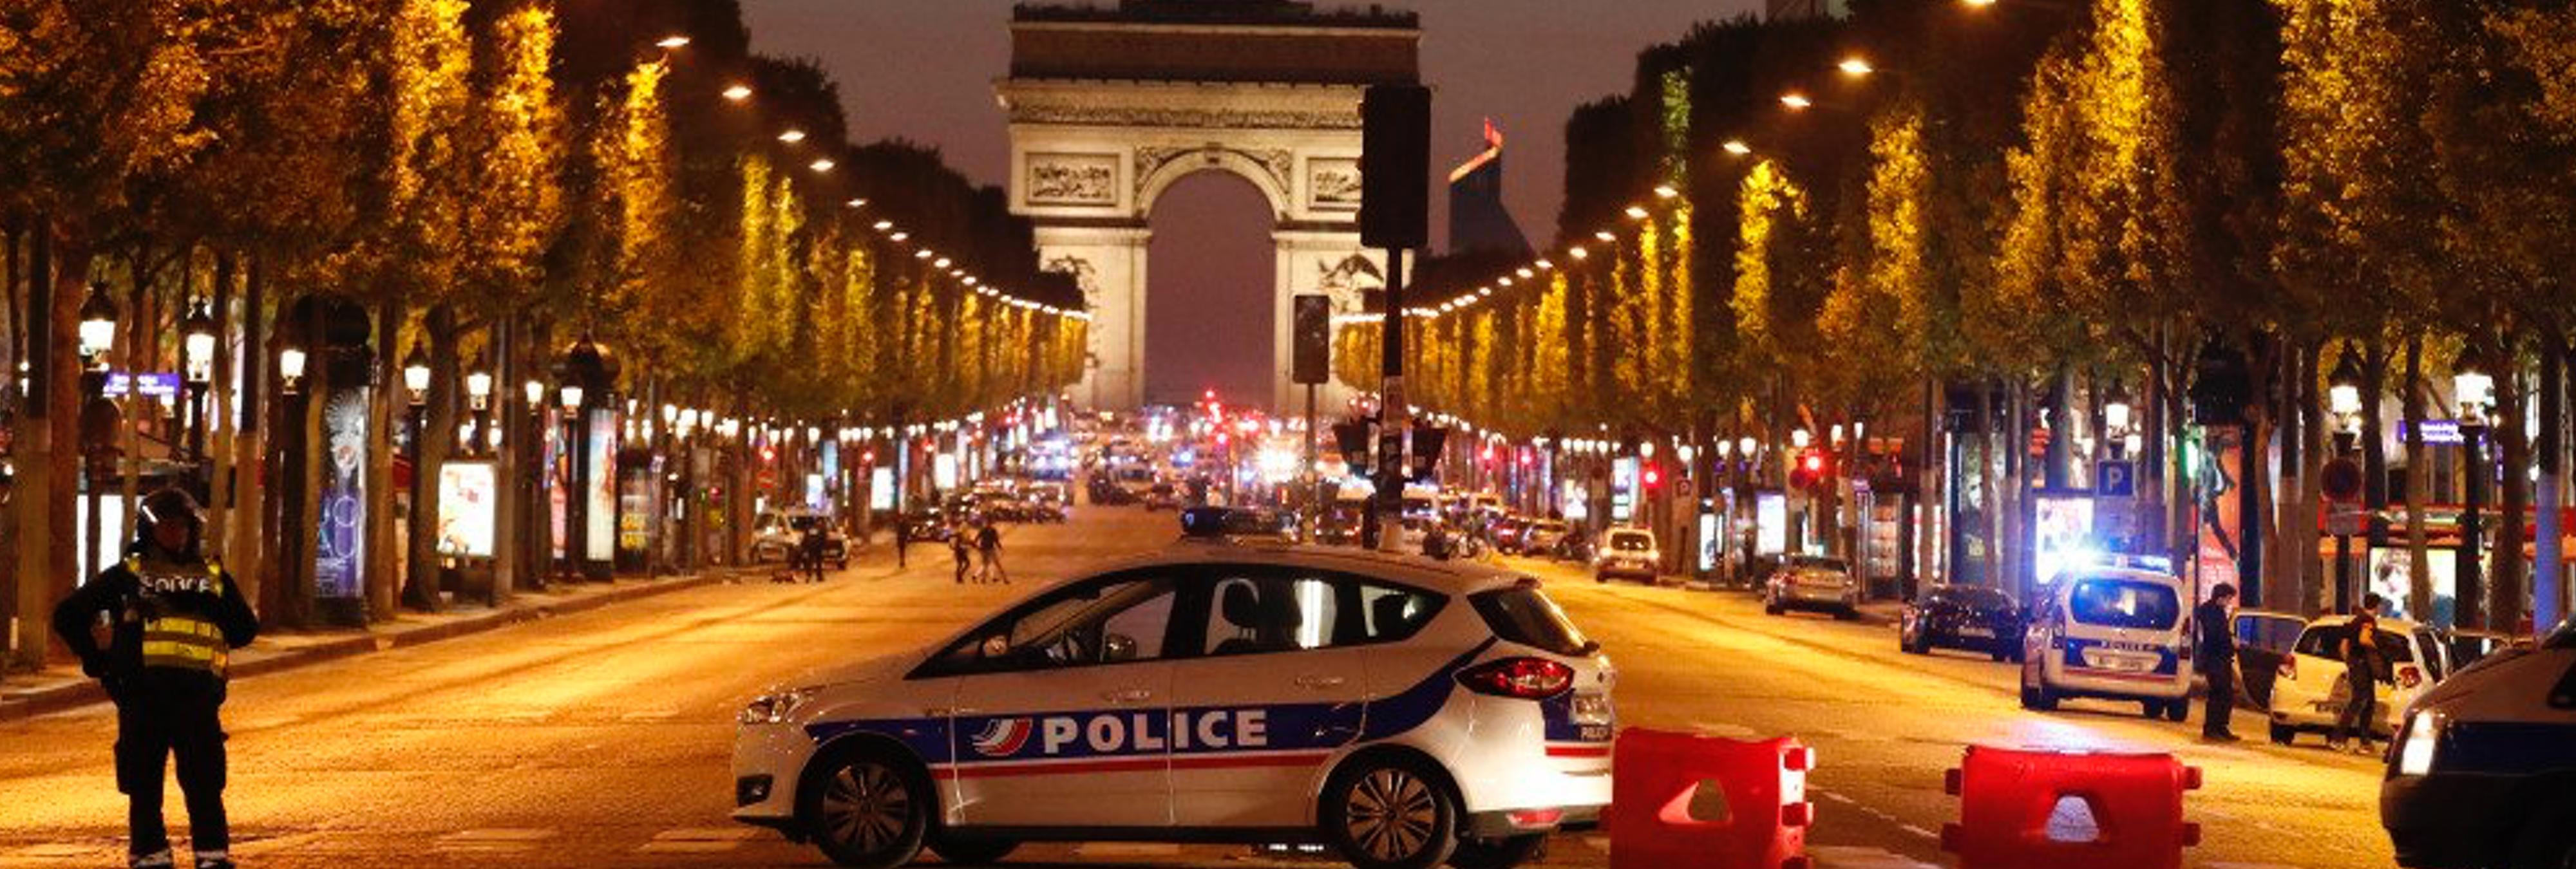 Un policía muerto y dos heridos en un atentado en los Campos Elíseos de París asumido por Daesh